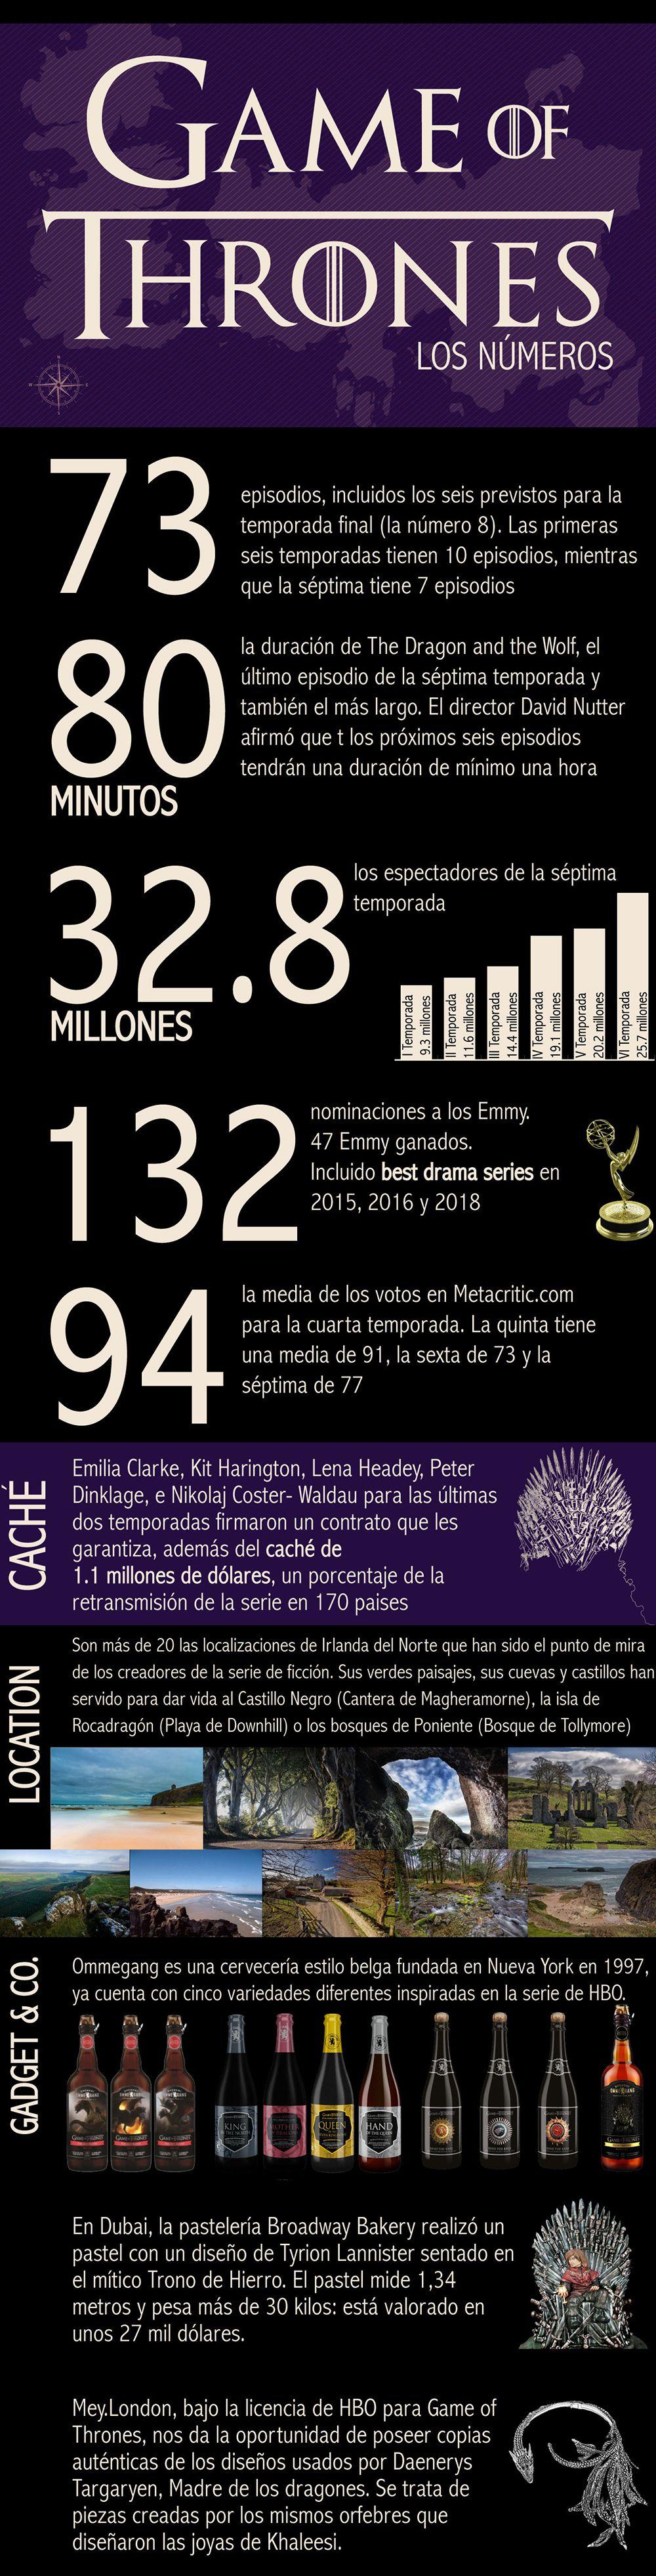 Infografía Juego de tronos - Los números